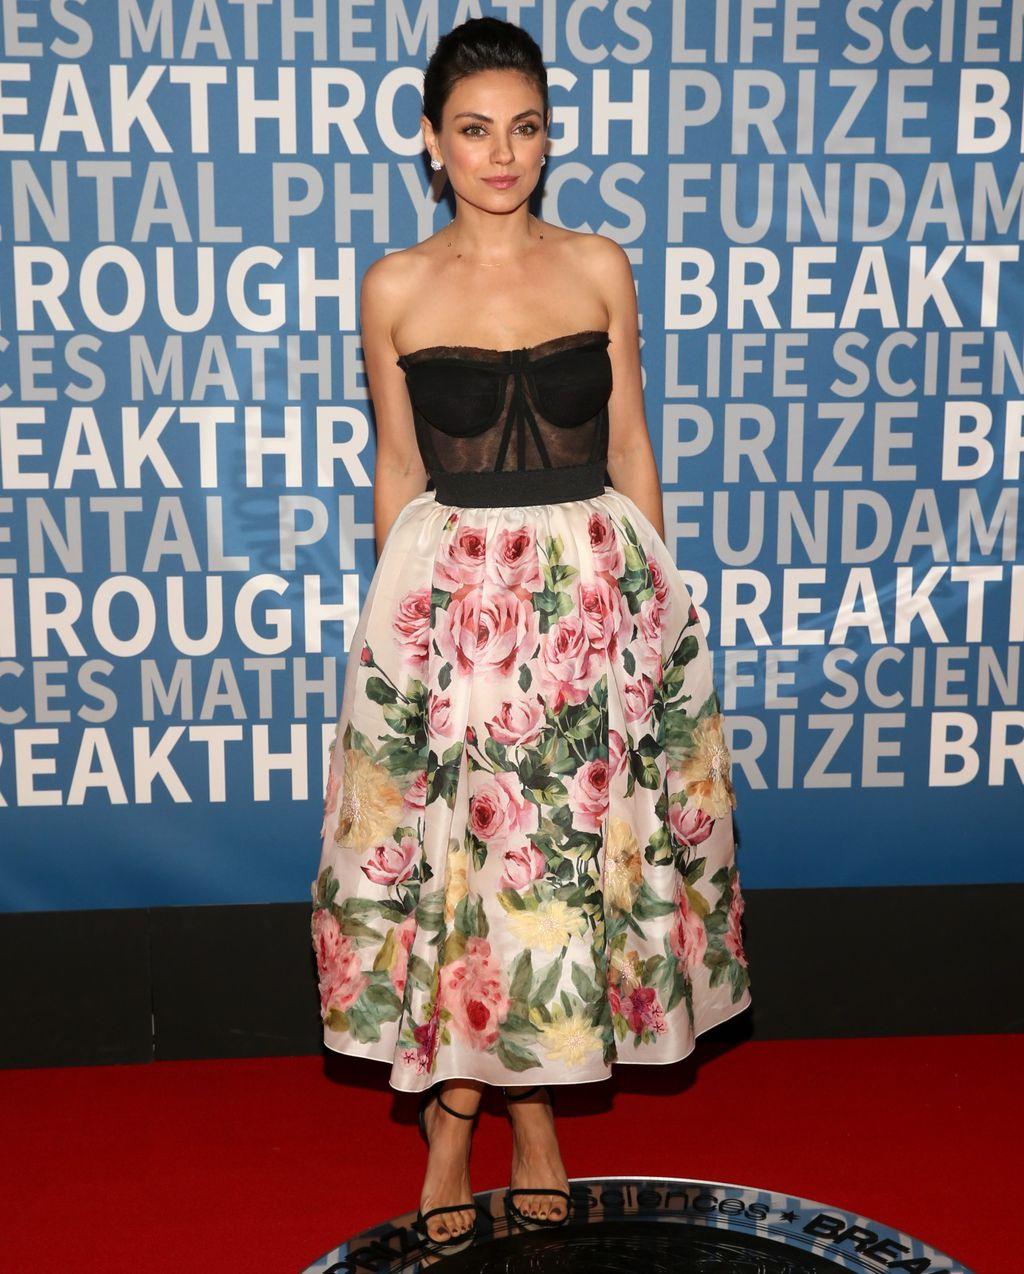 Mila Kunis na dodjeli nagrada Breakthrough Prize 2018+ - 1